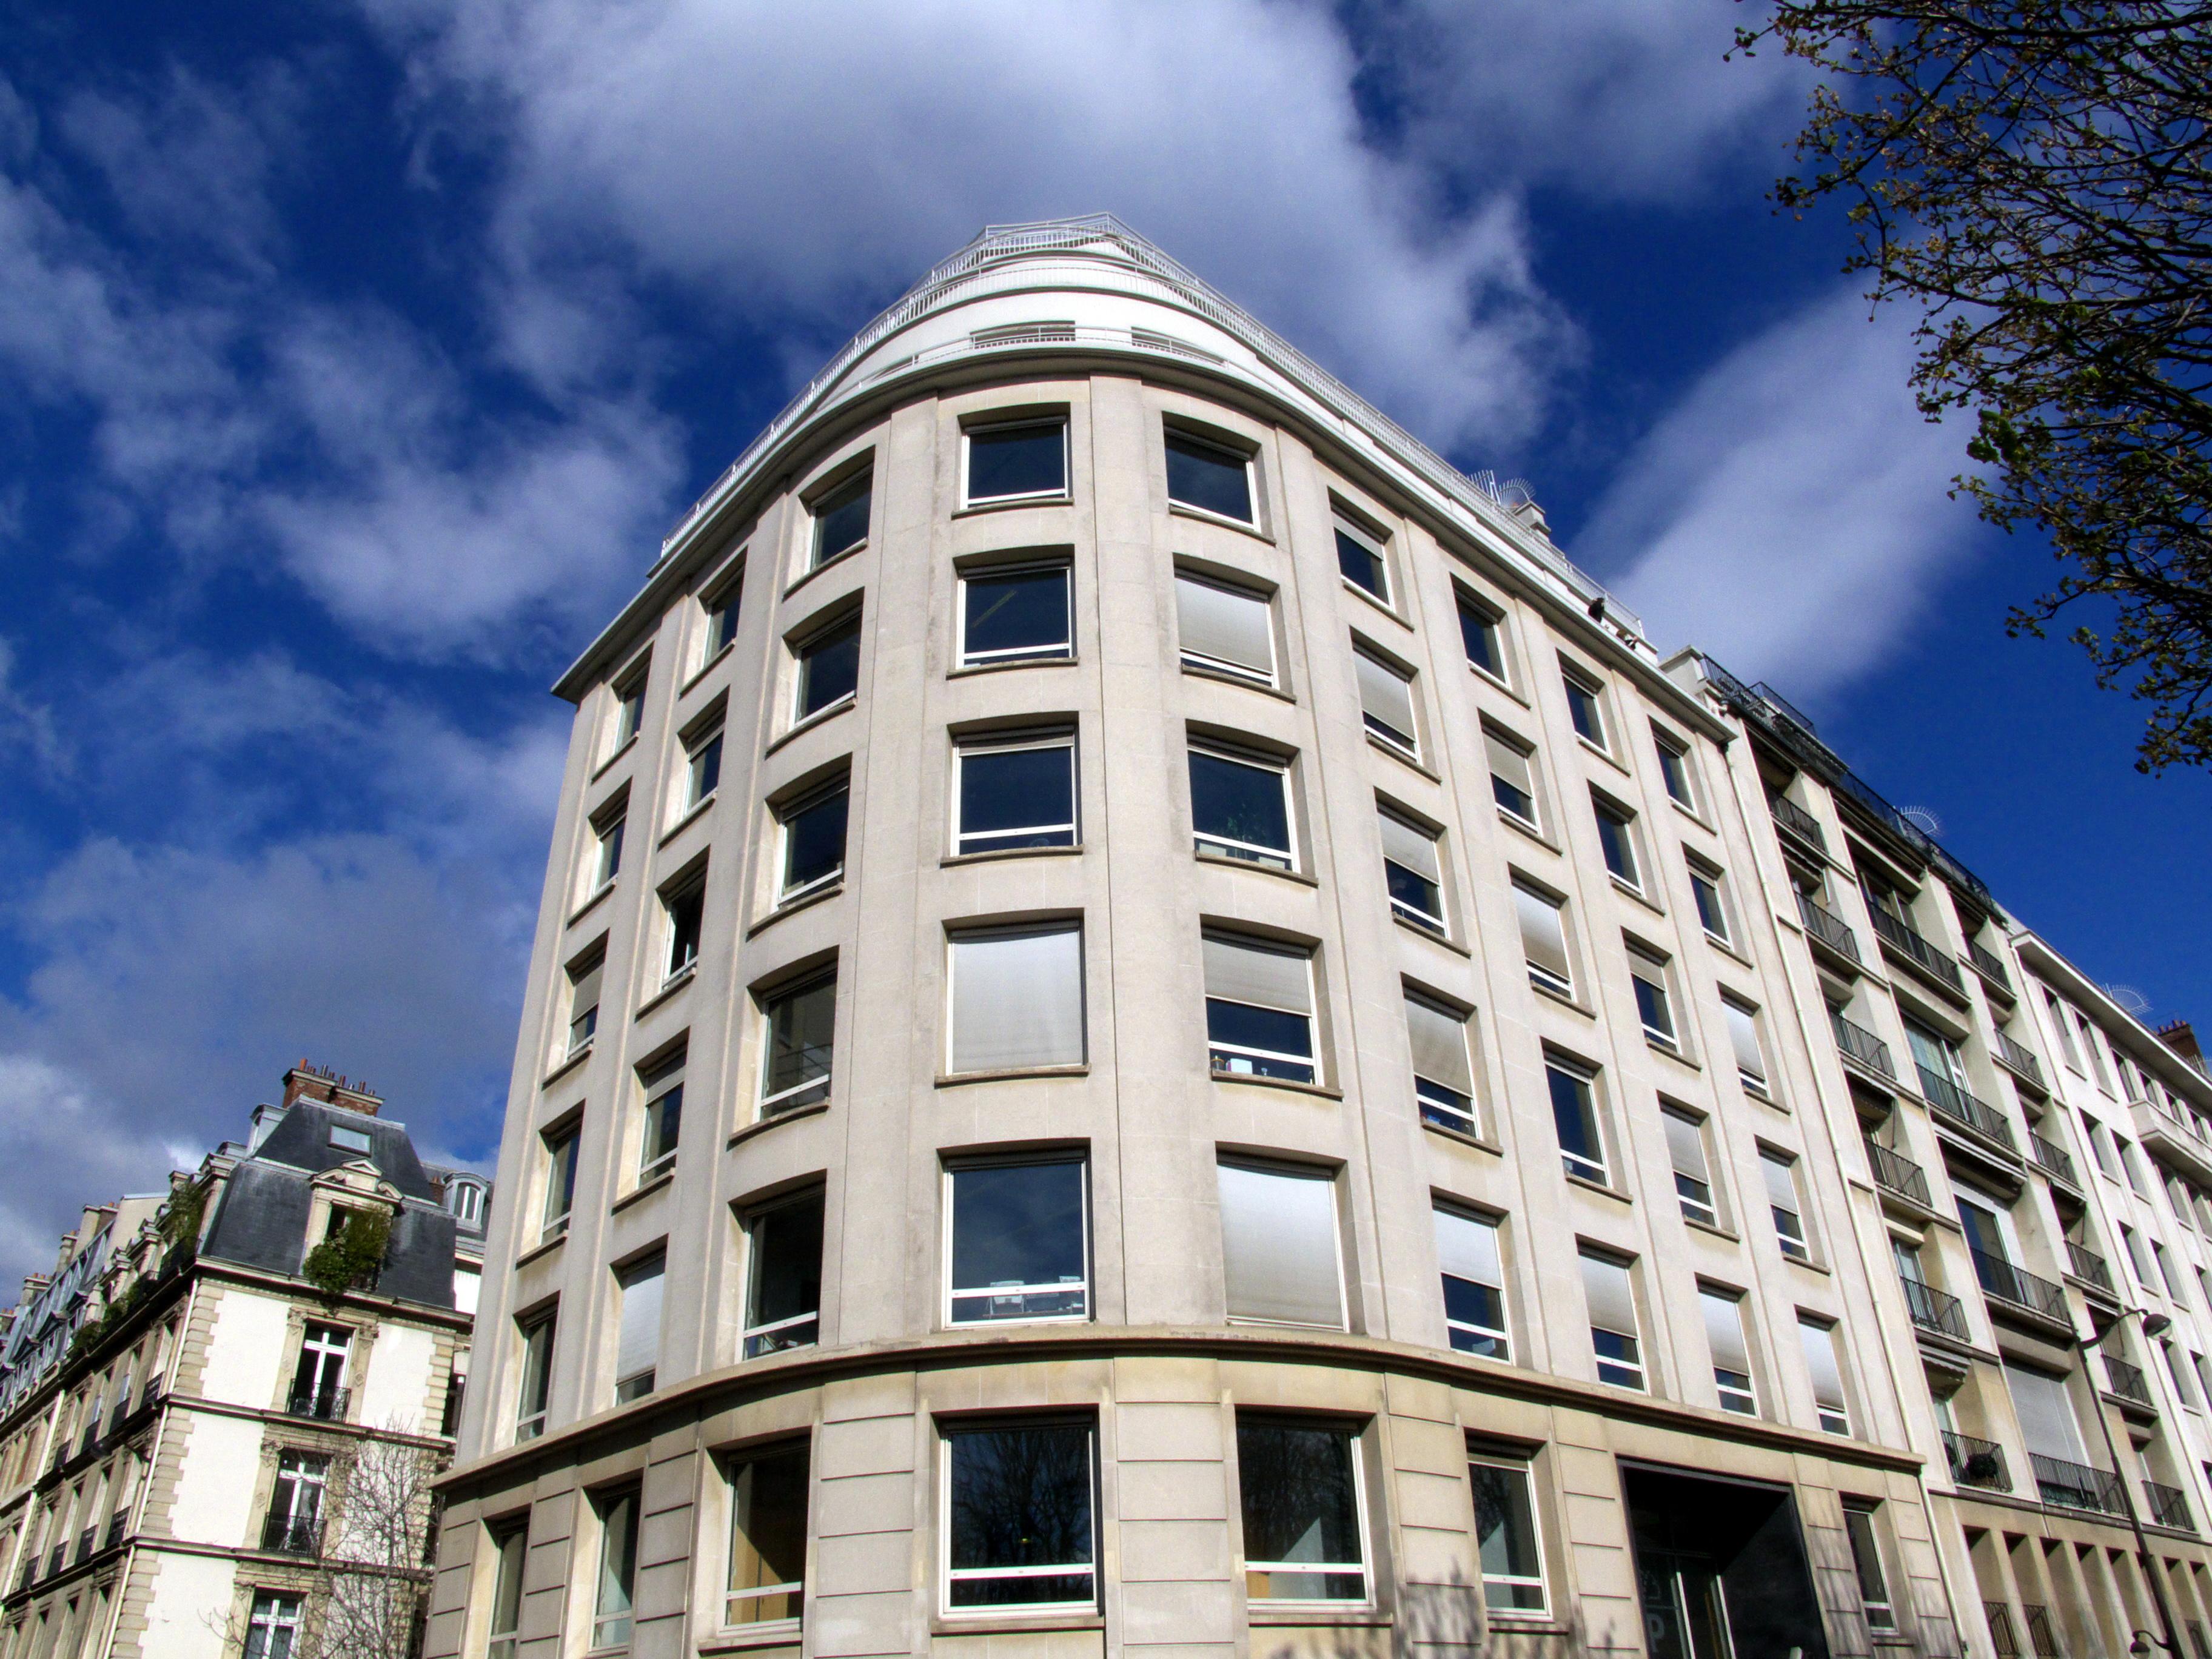 Coin de rue, immeuble blanc arrondi, Paris.